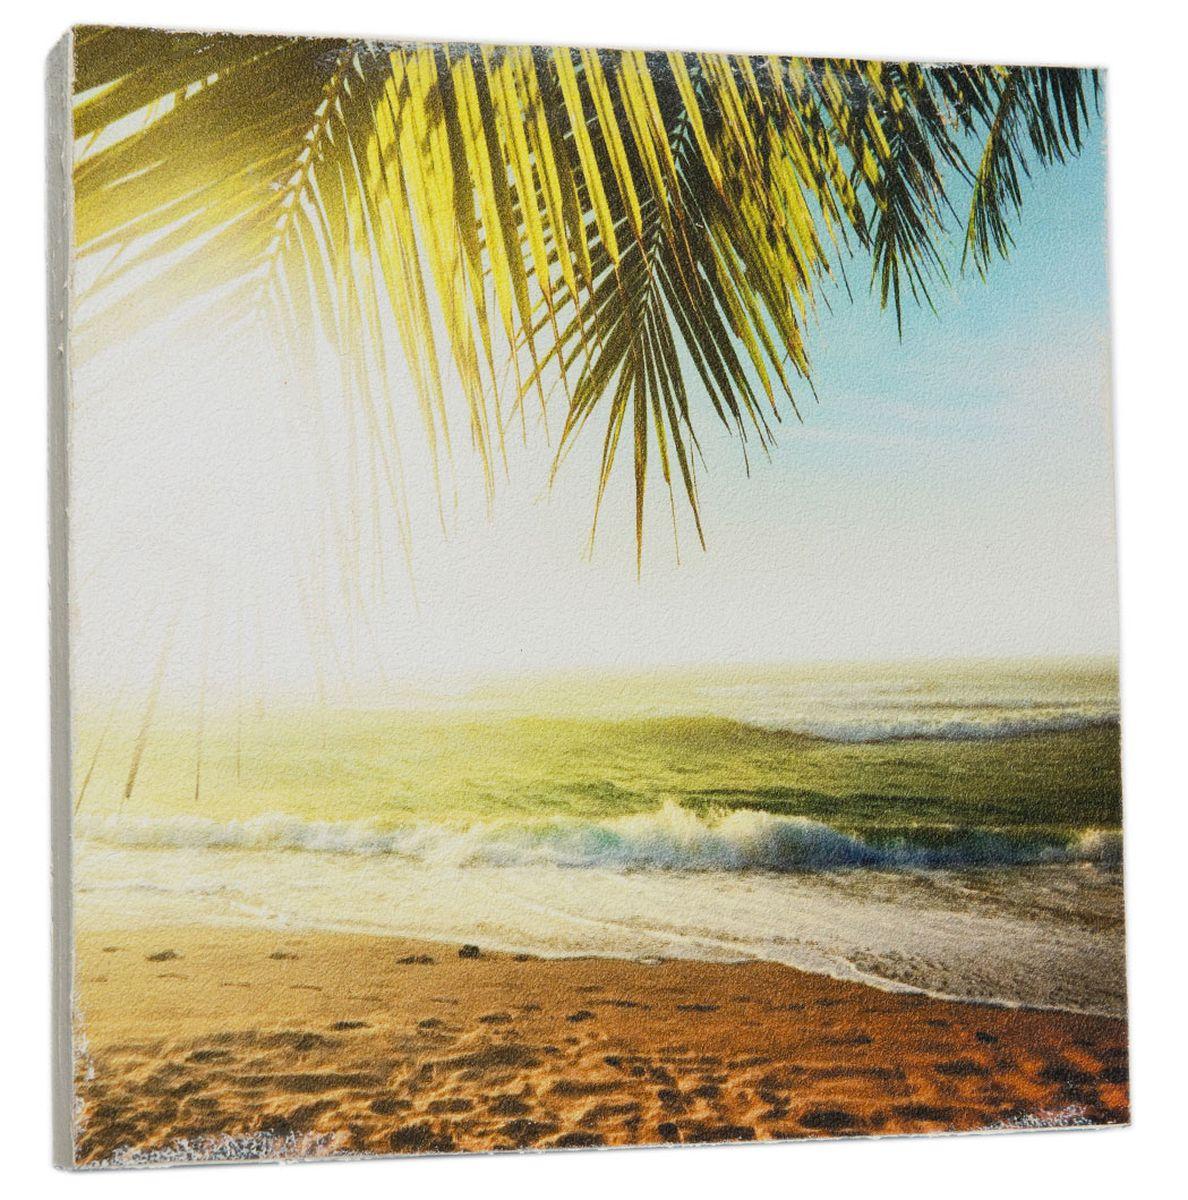 Картина Океан в солнечных лучах , 22 х 22 см0274-22-22